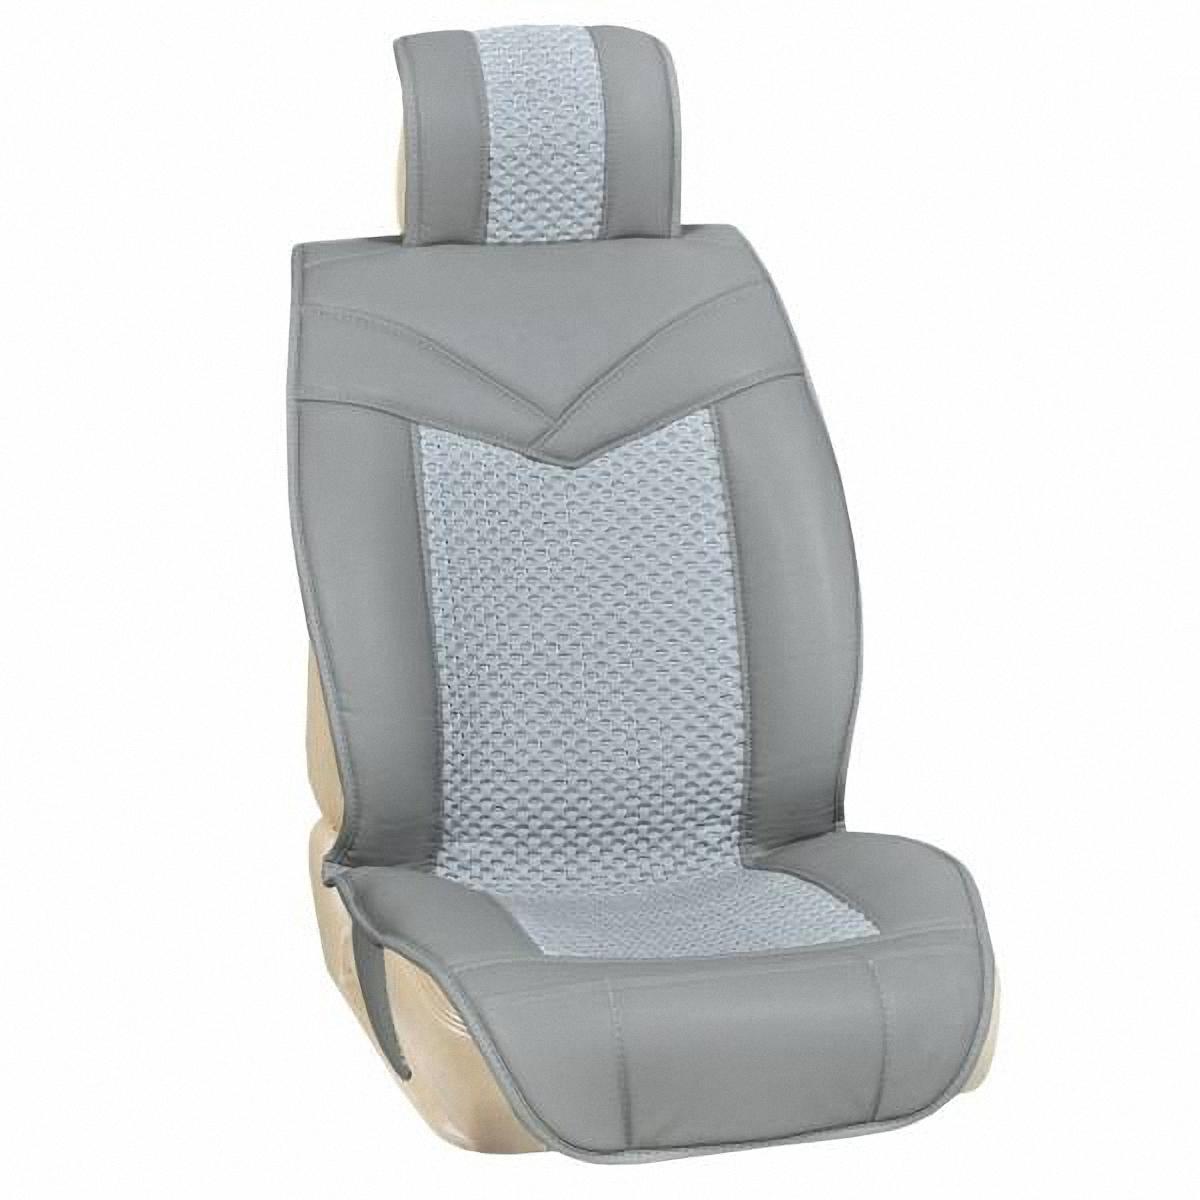 Накидки автомобильные Skyway, цвет: серый. S01301110S01301077Накидки автомобильные Skyway изготовлены из качественной искусственной кожи. Накидки отлично дополняют интерьер салона любого автомобиля. Мягкие и накидки предназначены для передних и задних сидений. Легкая установка облегчает использование, а высокотехнологичный материал не требует дополнительного ухода. Накидки универсальные с раздельным подголовником.